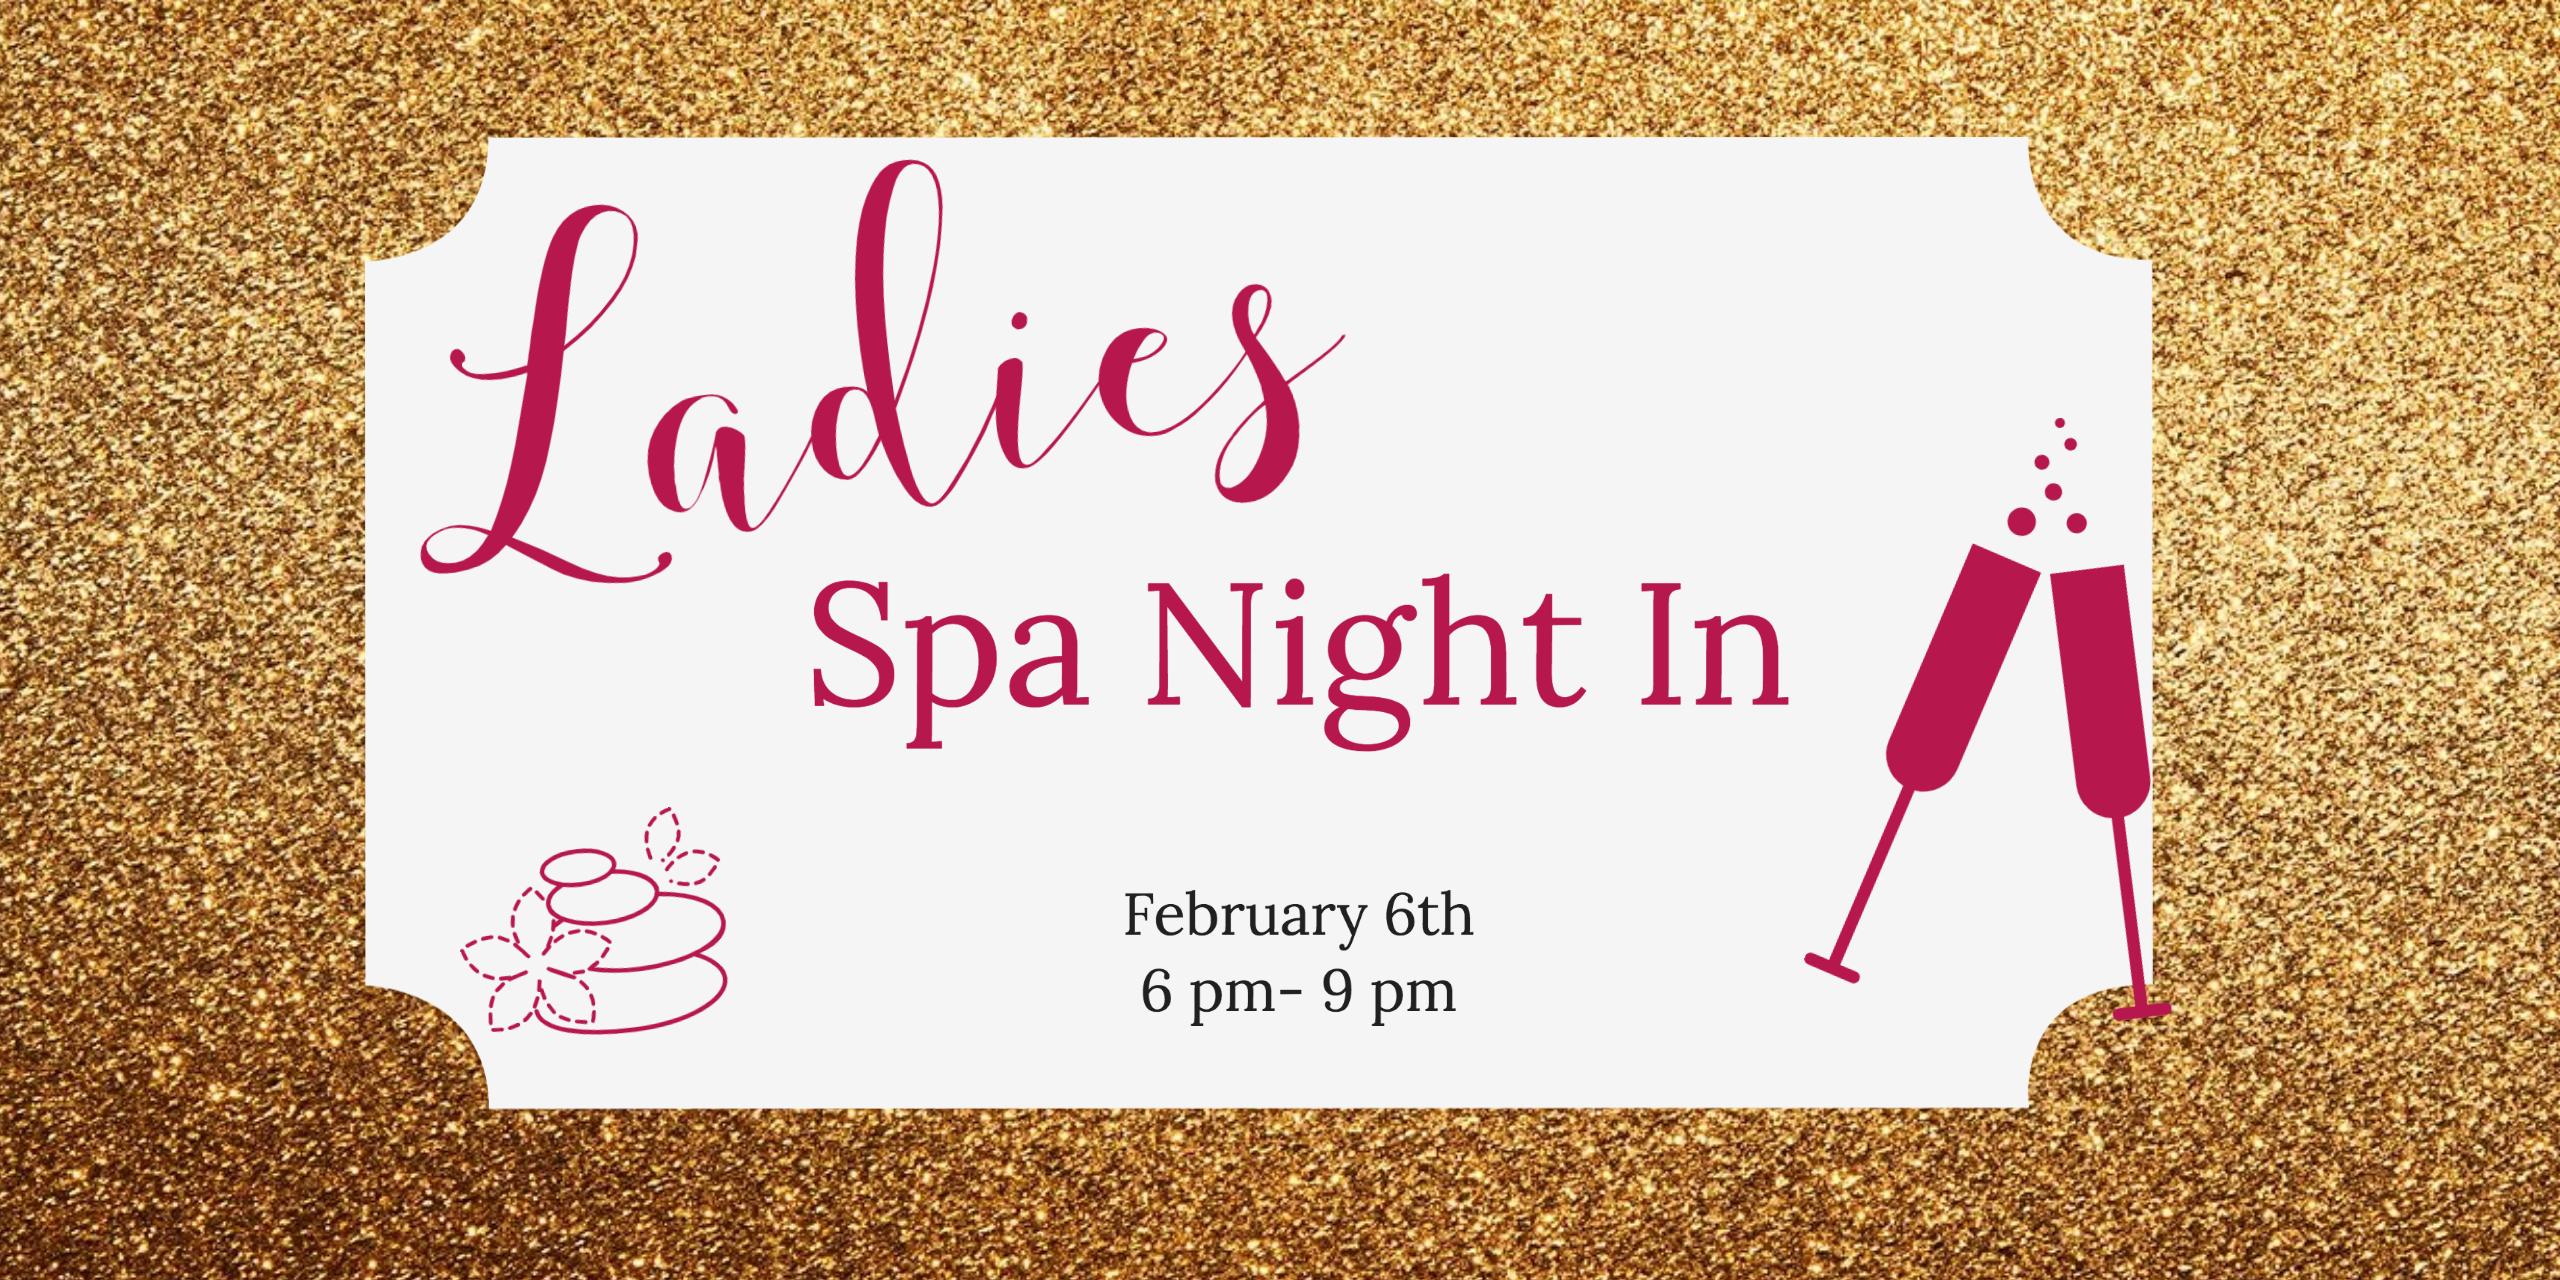 Ladies Night Spa In